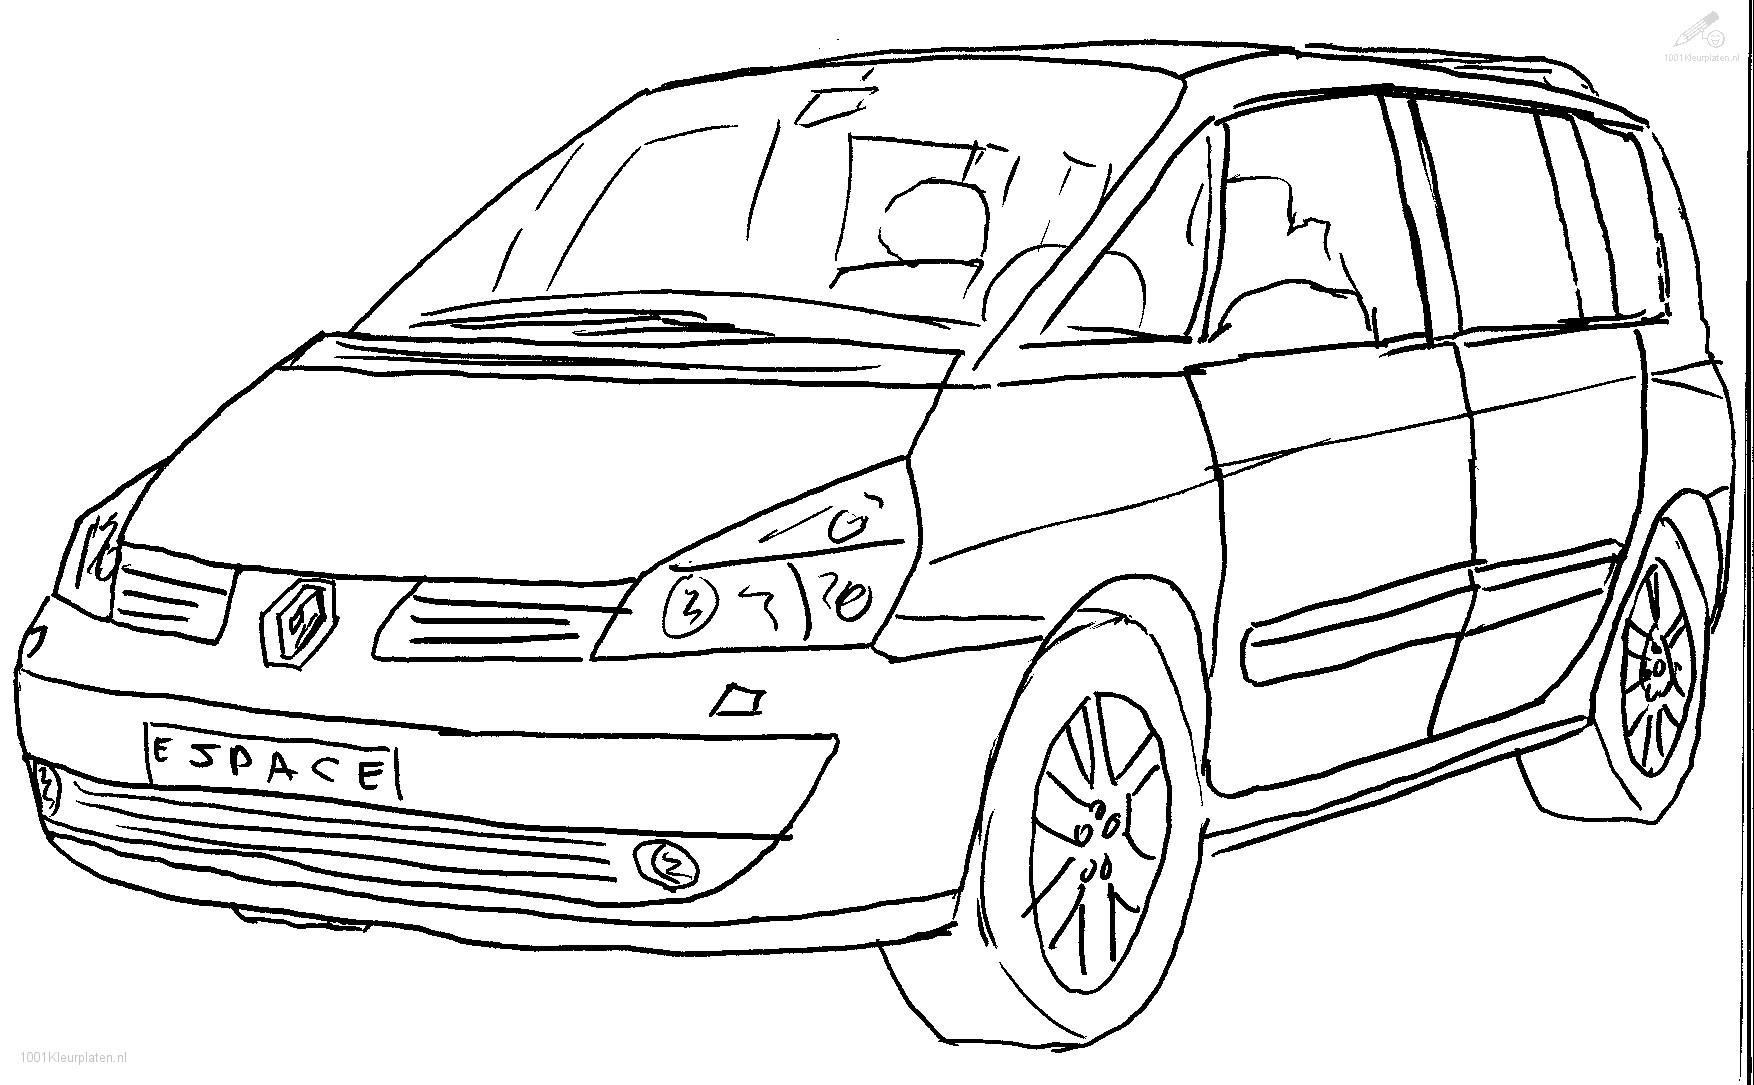 1001 Kleurplaten Voertuigen Auto Kleurplaat Renault